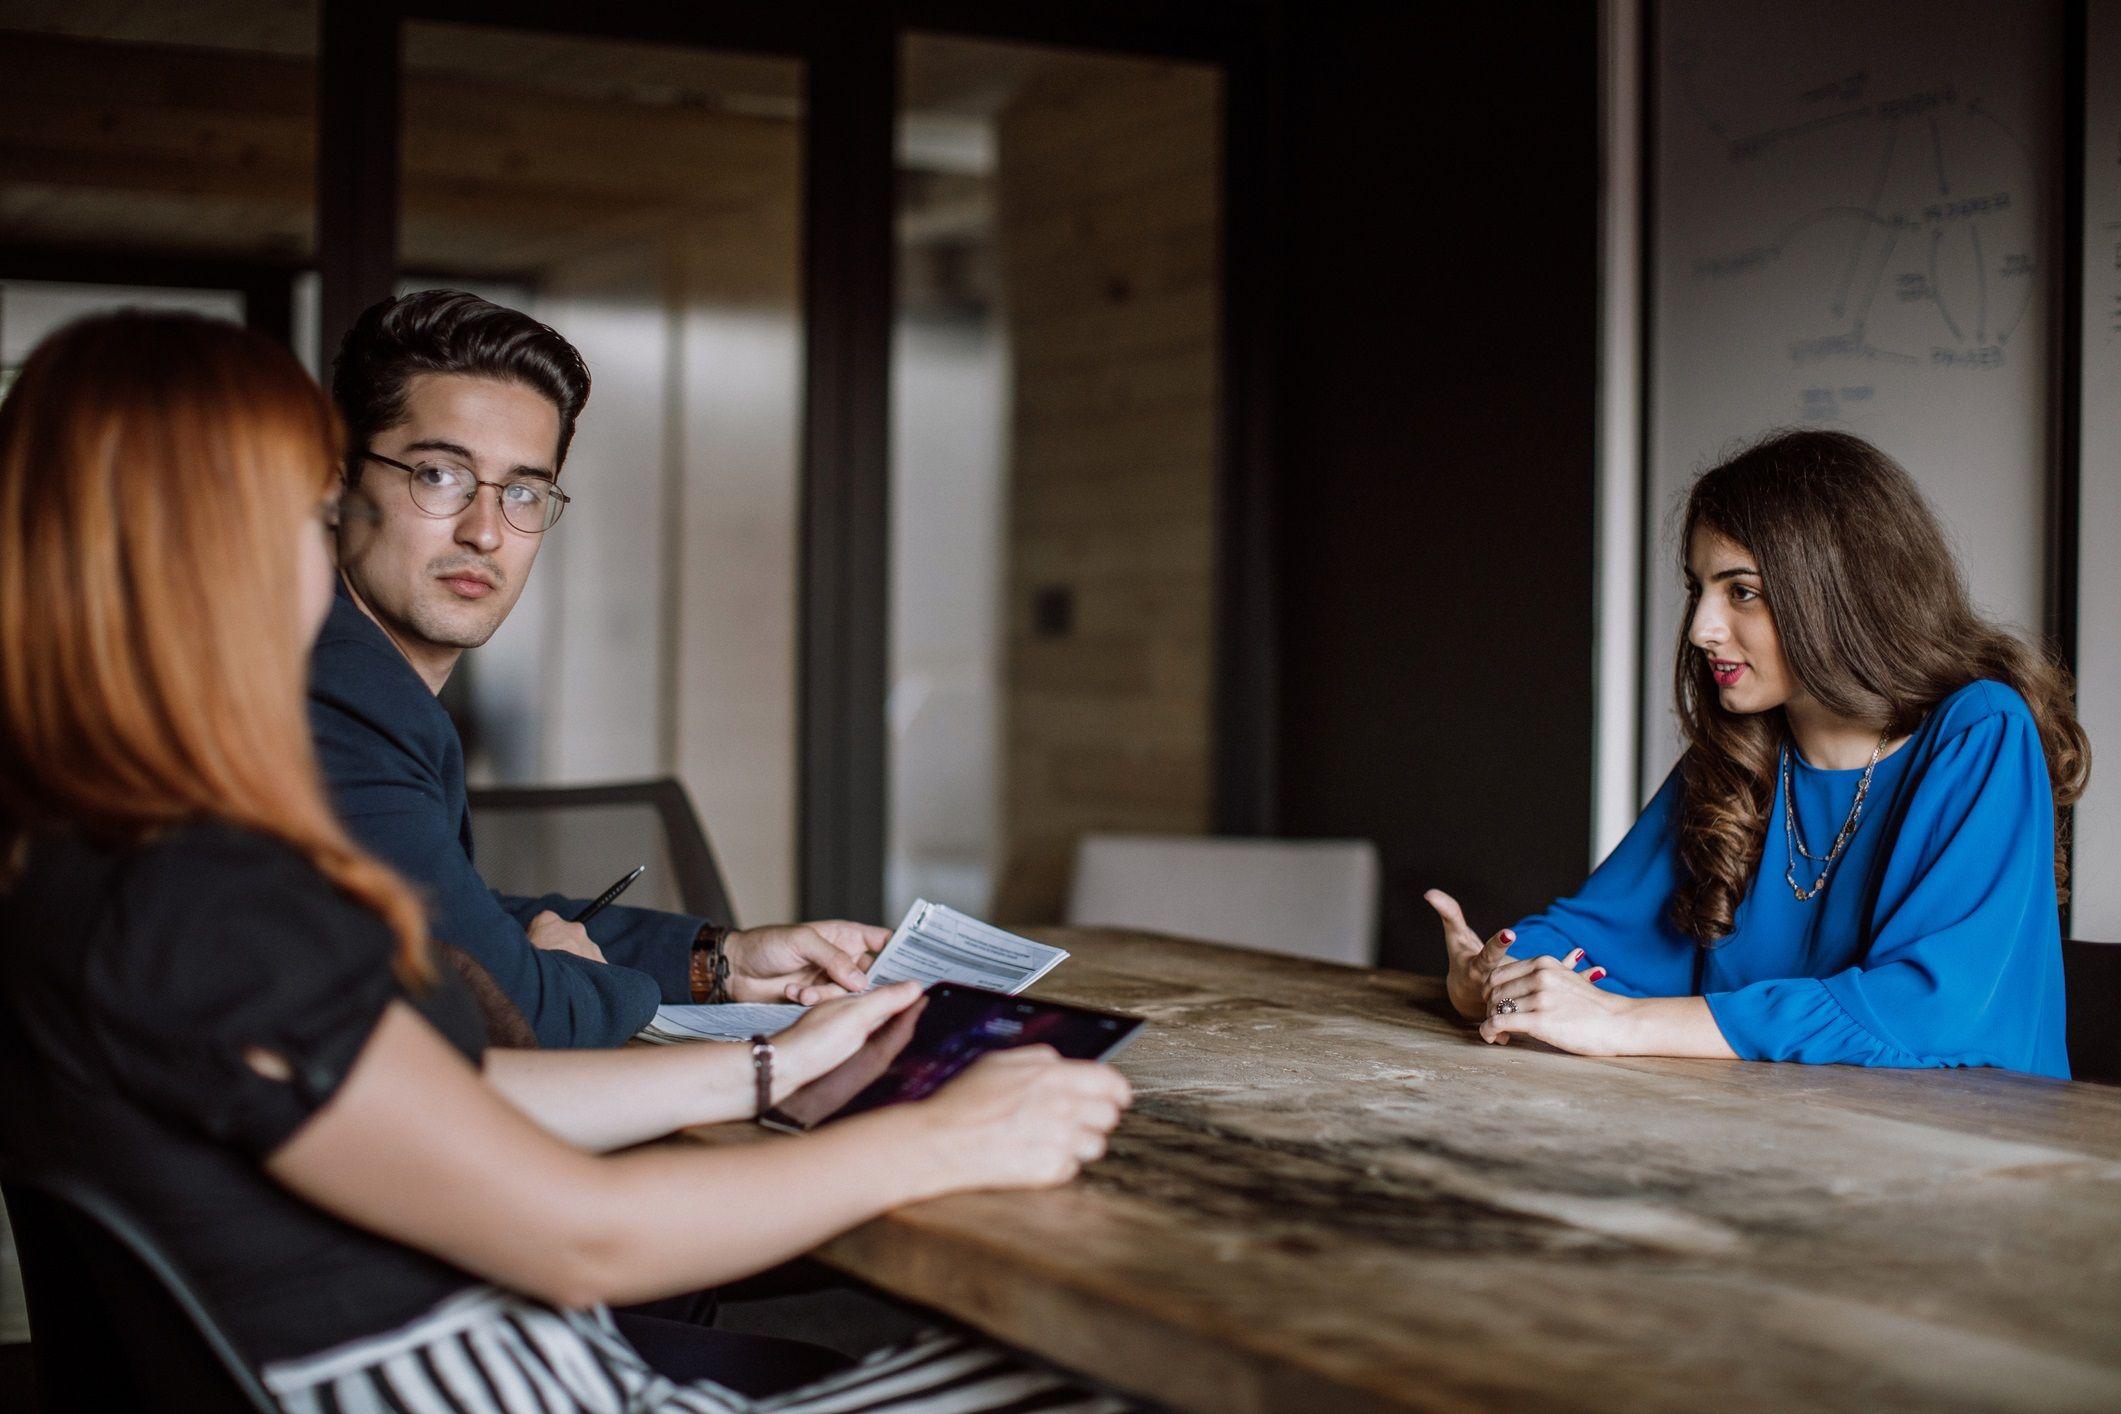 Le domande più insidiose dei colloqui di lavoro, e come rispondere